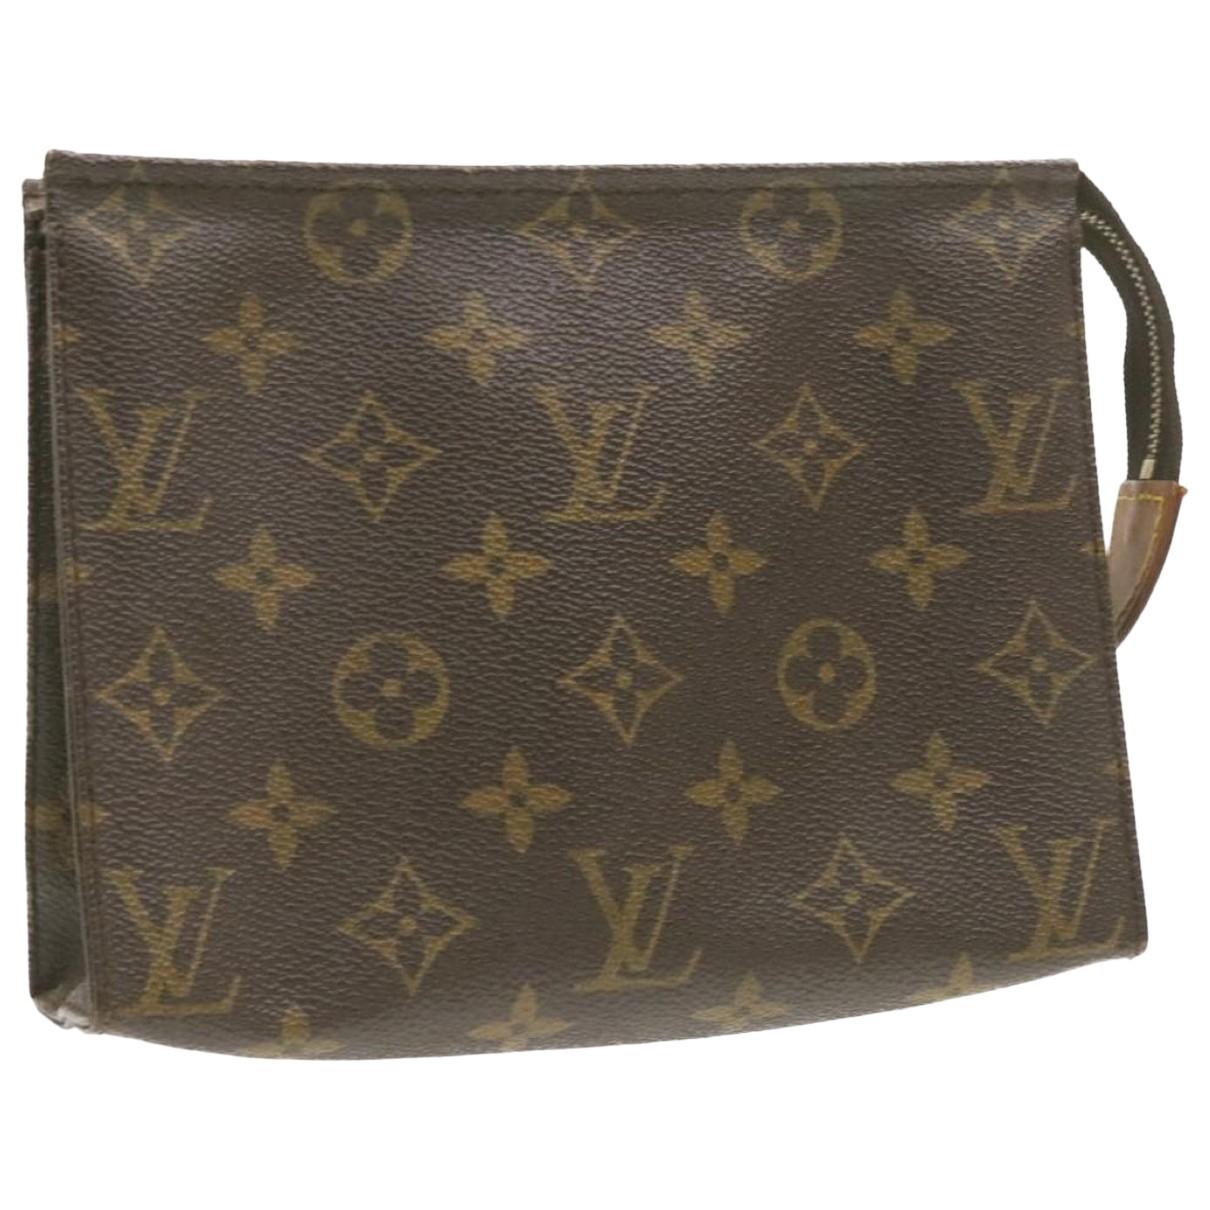 Louis Vuitton - Sac de voyage Trousse de Toilette  pour femme en toile - marron